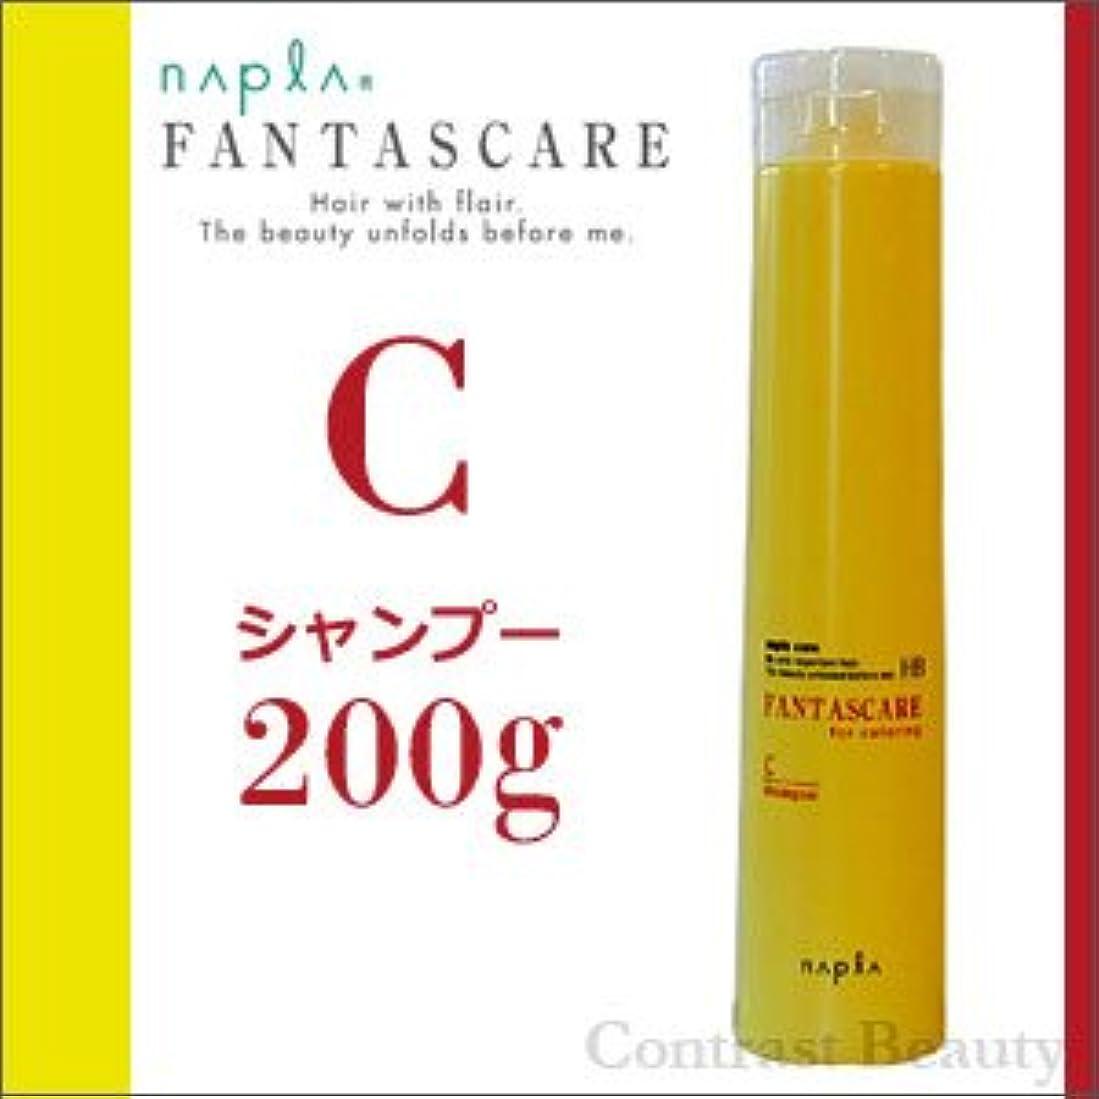 ケーキ敬の念マイルストーン【X5個セット】 ナプラ ファンタスケア Cシャンプー 200g napla